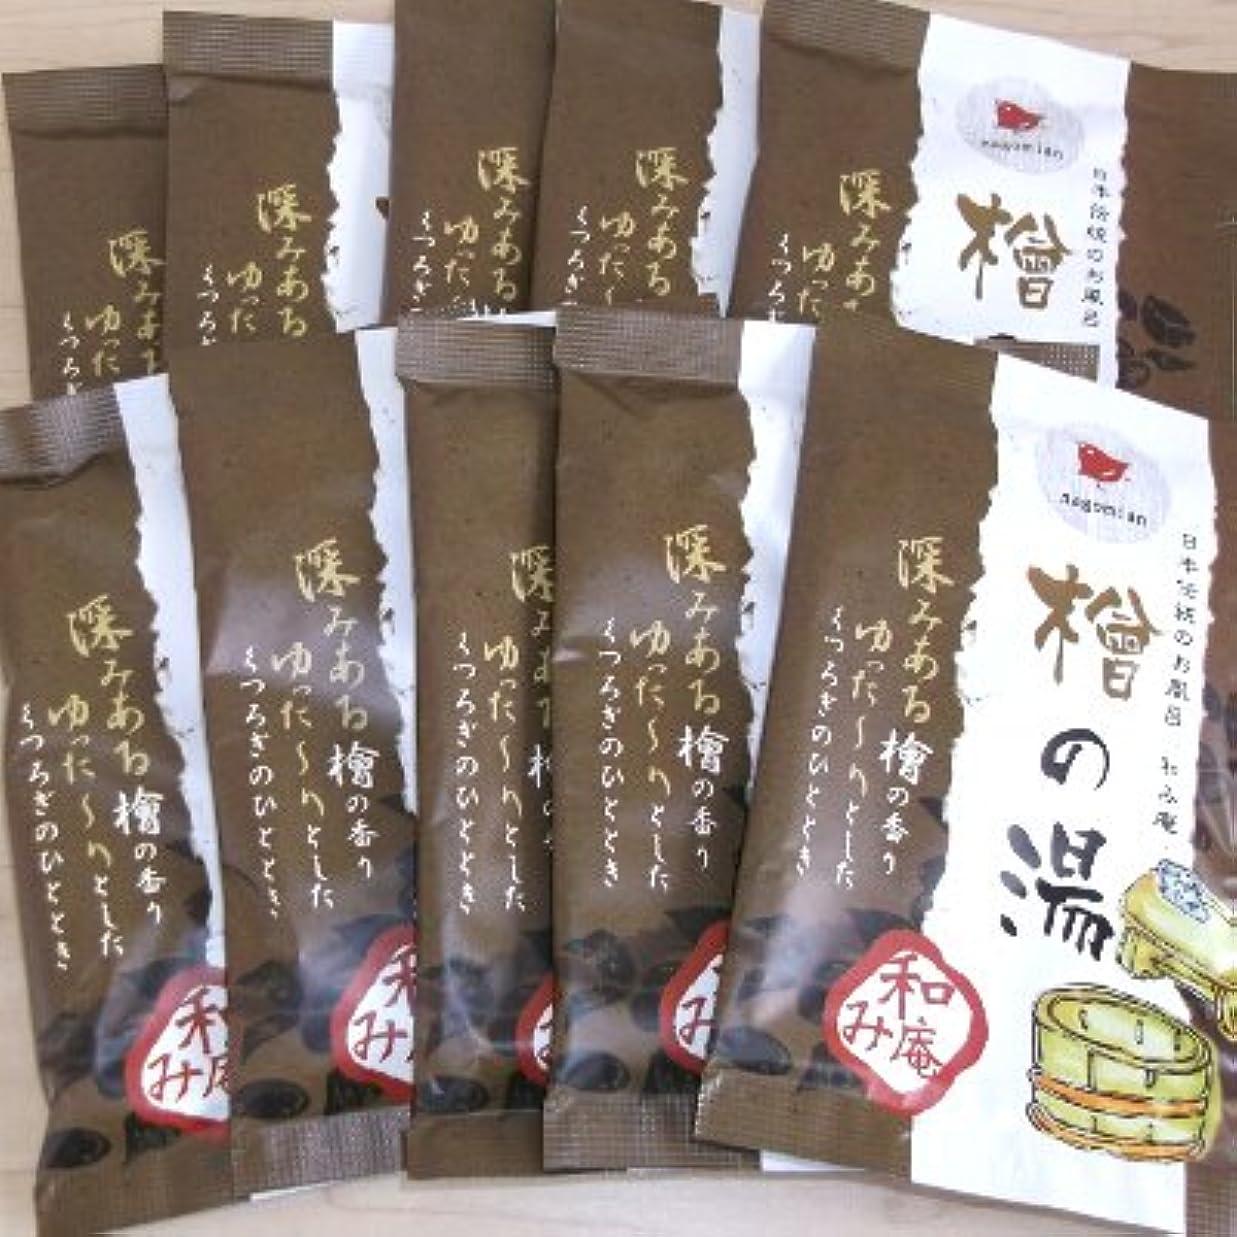 花火コンバーチブル枯渇和み庵 檜の湯 10包セット